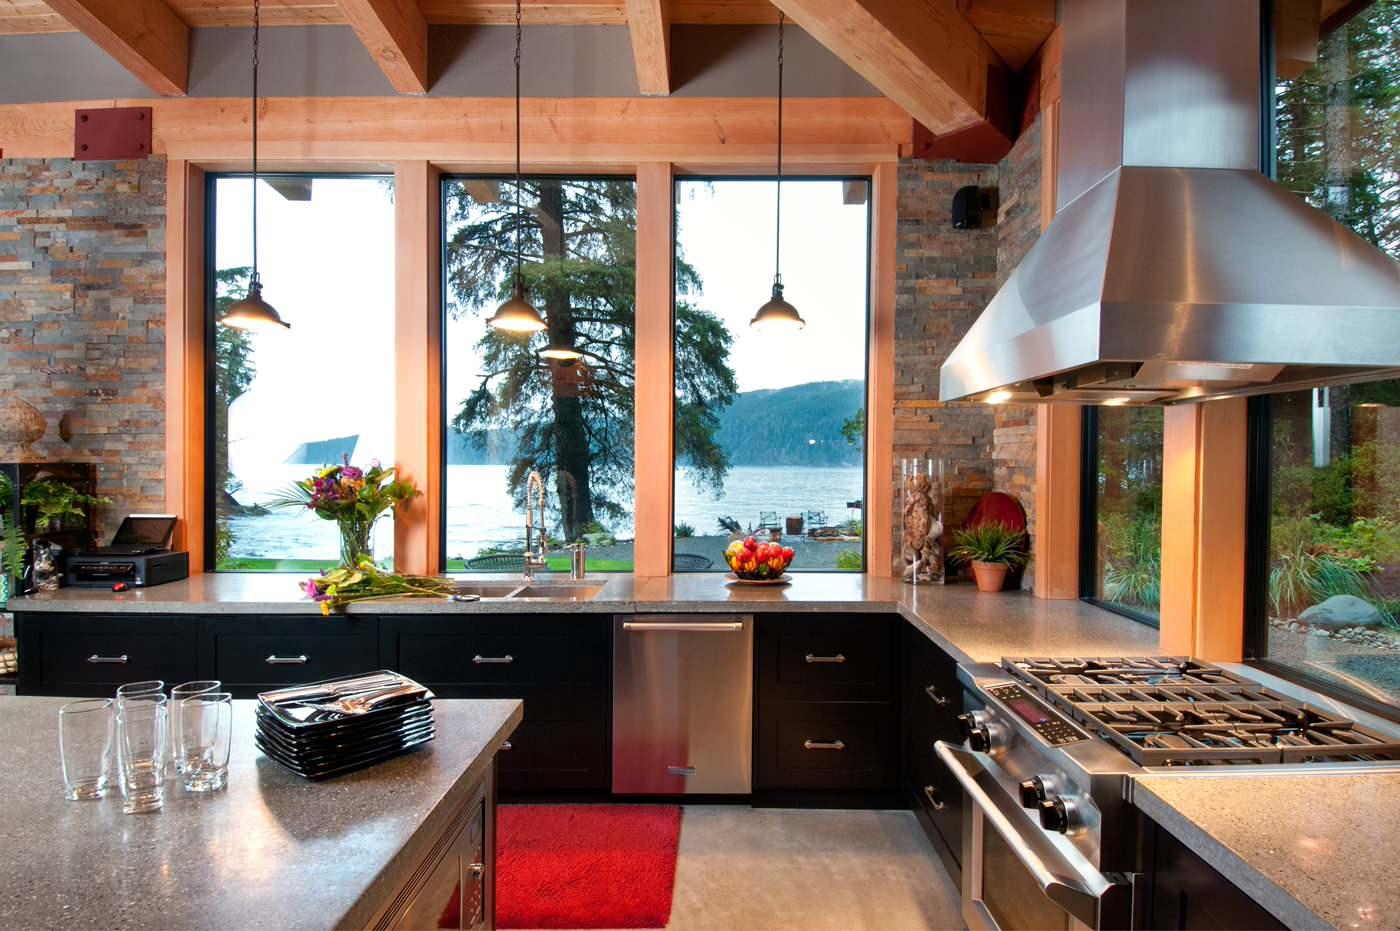 кухня с окном в рабочей зоне плита у окна